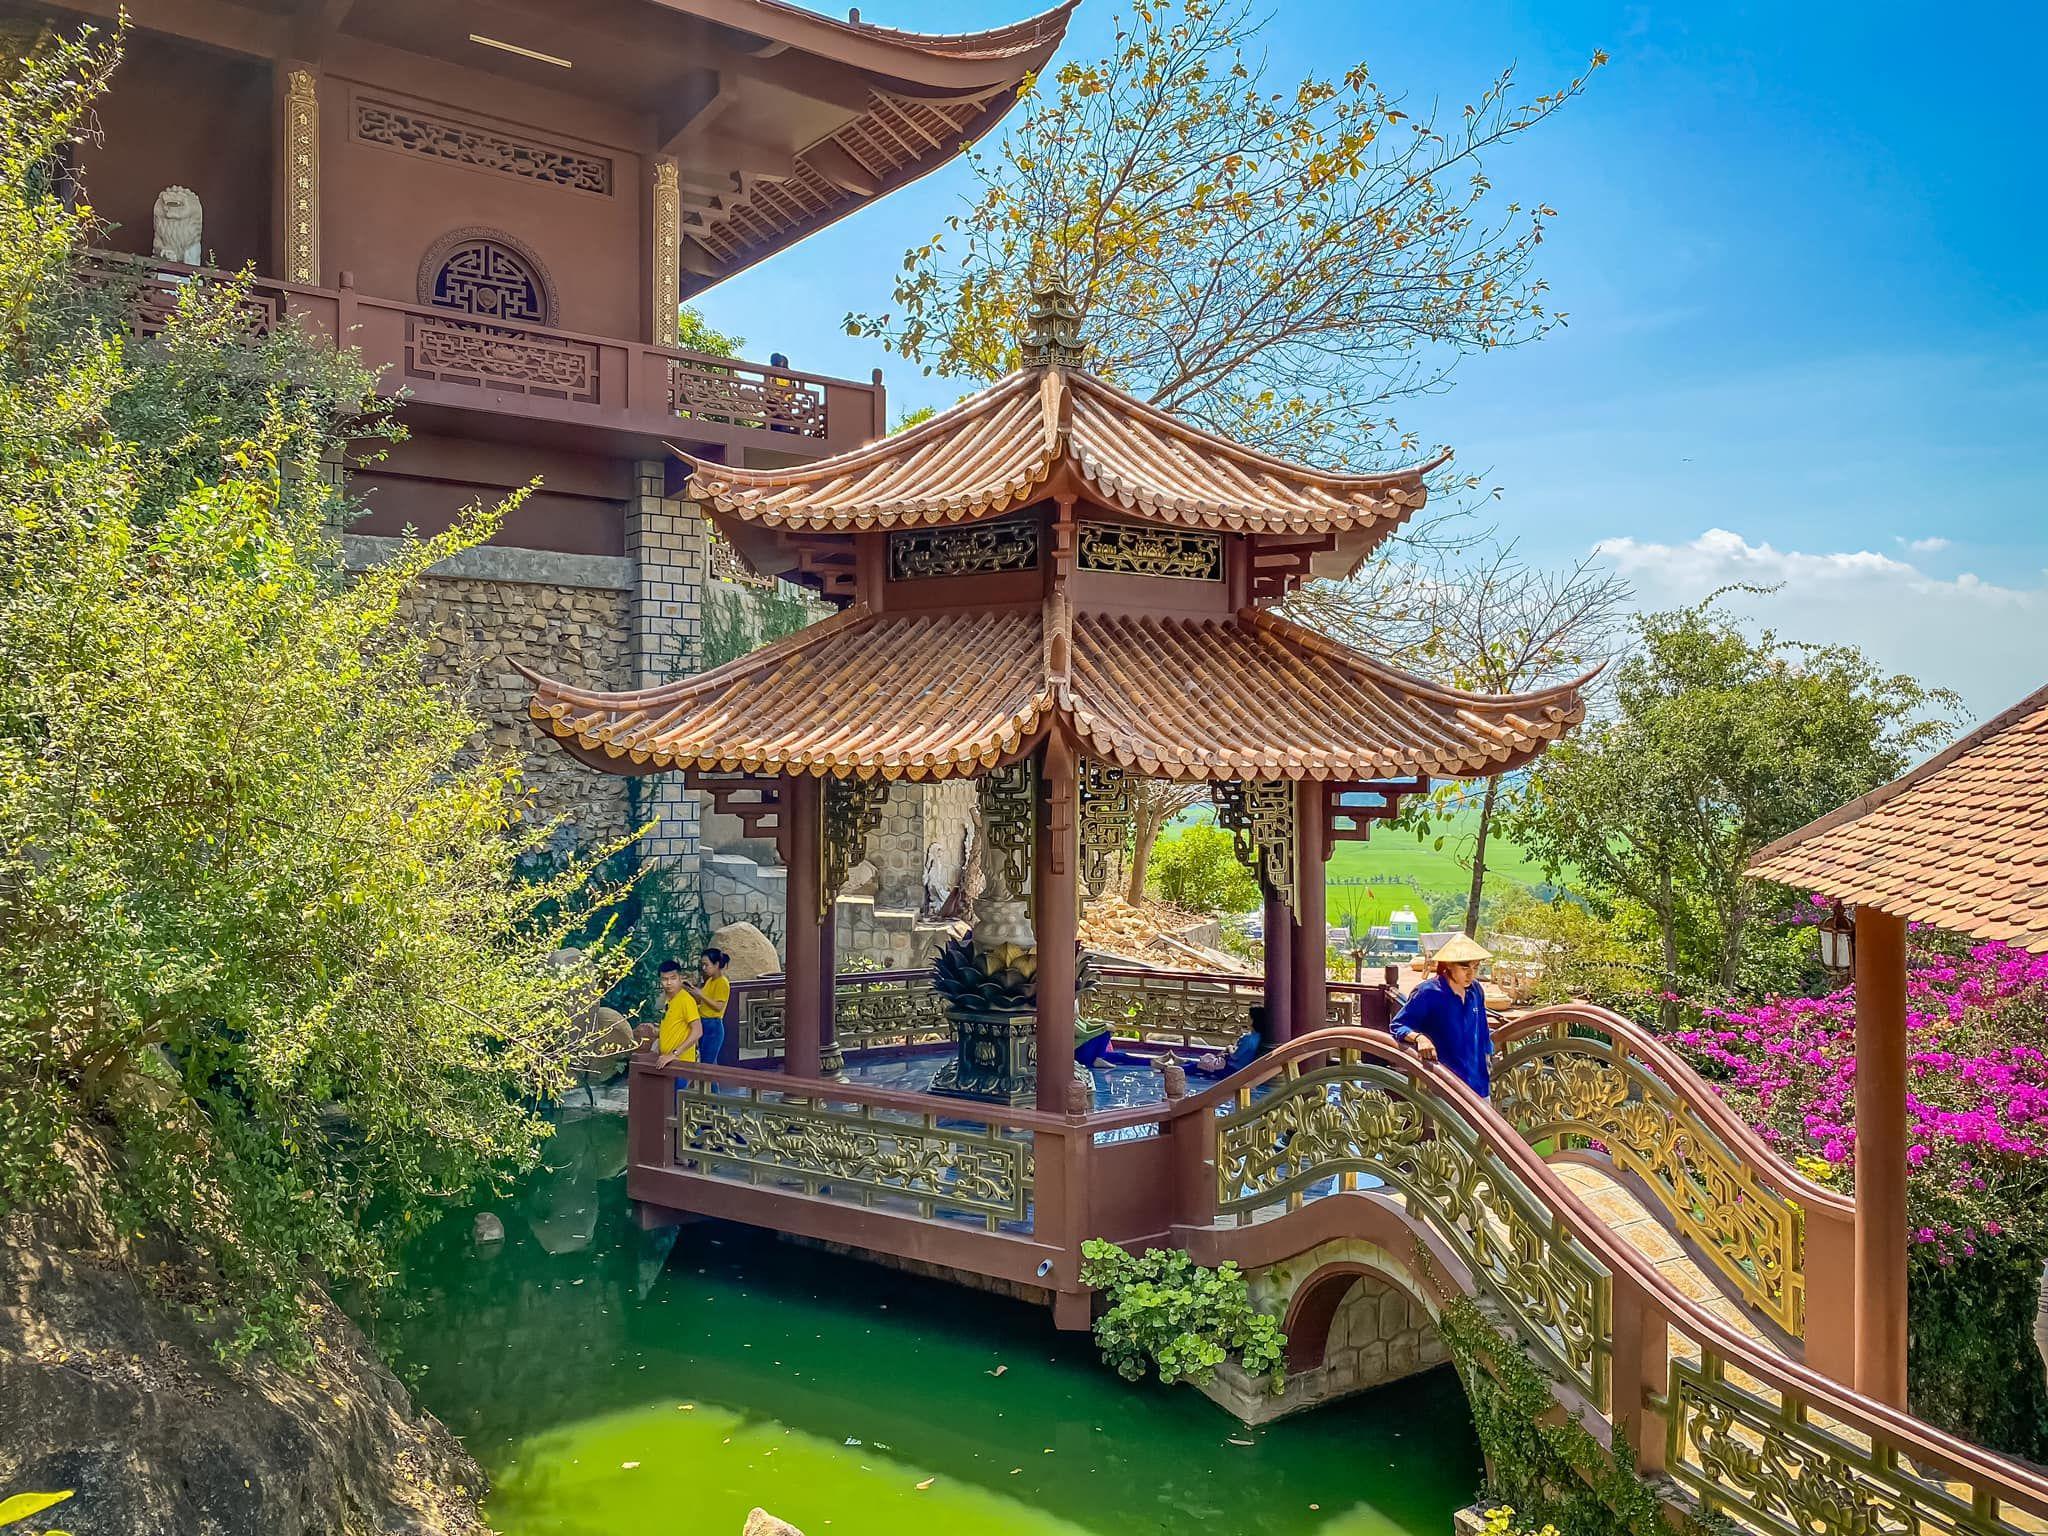 4 ngôi chùa có kiến trúc độc đáo, đẹp bậc nhất An Giang